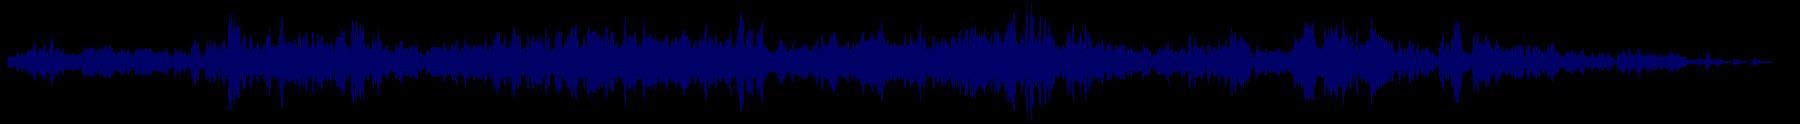 waveform of track #66231